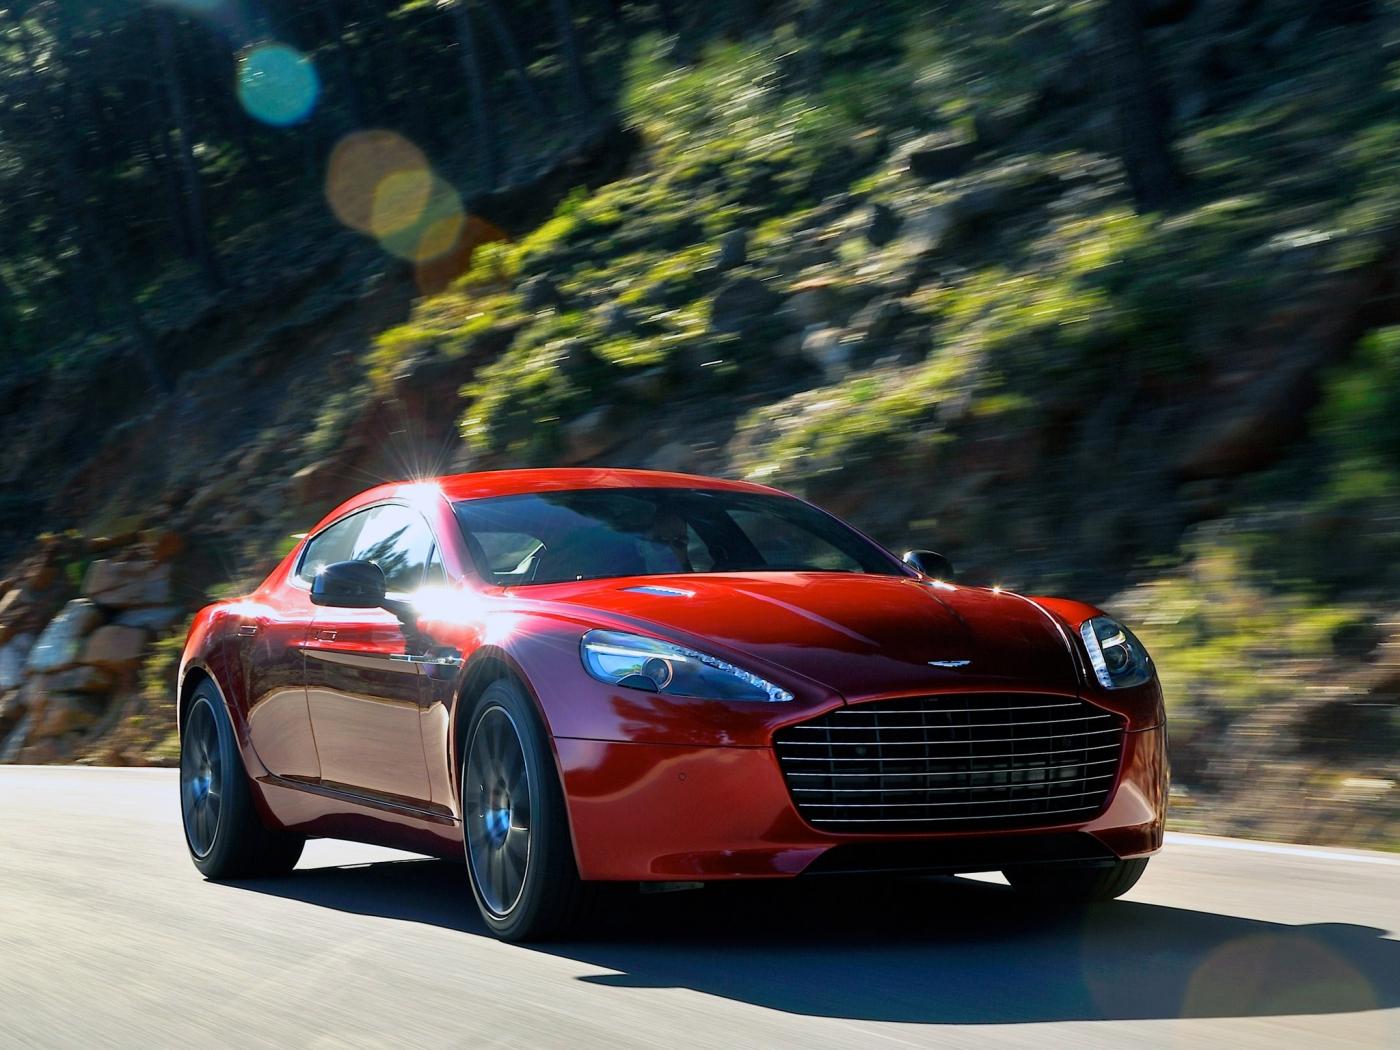 34172 скачать обои Транспорт, Машины, Астон Мартин (Aston Martin) - заставки и картинки бесплатно